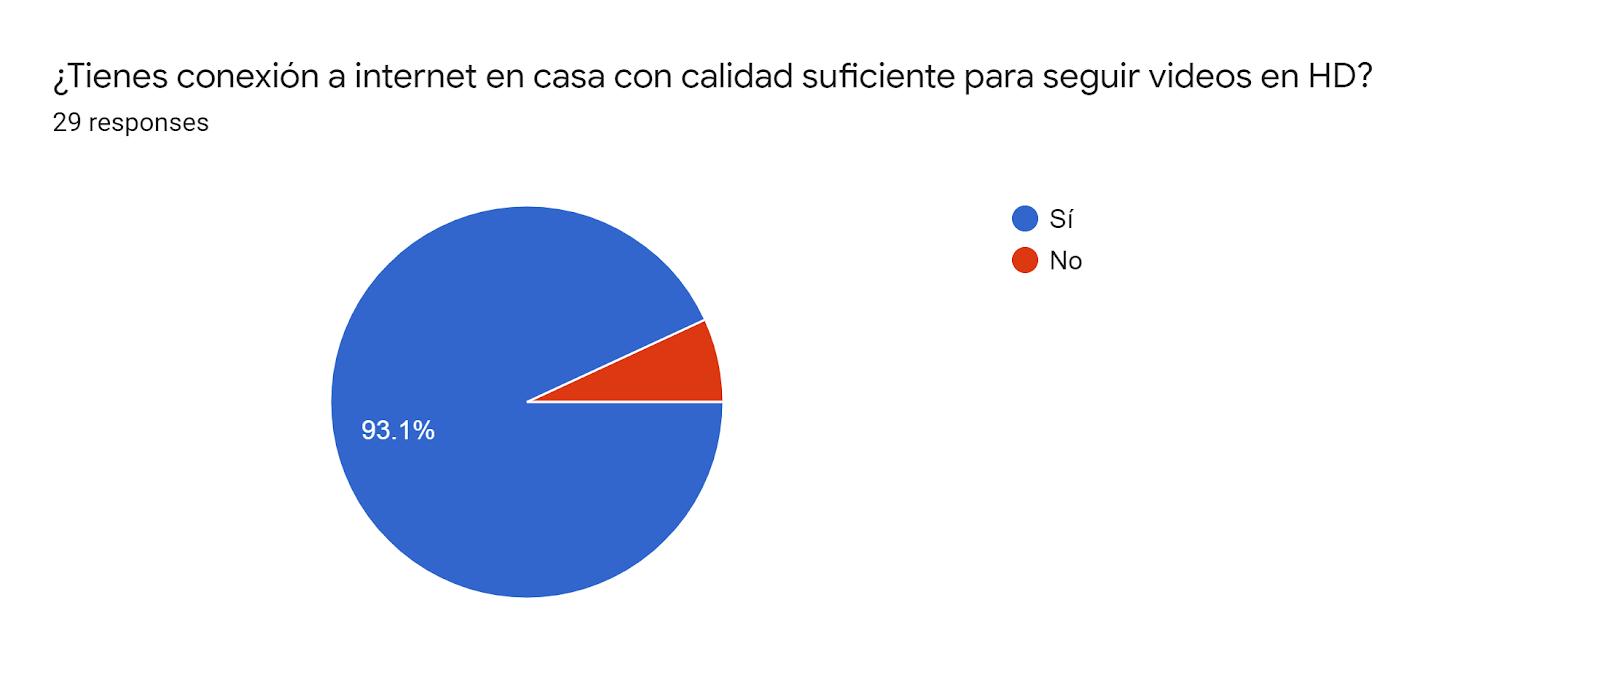 Forms response chart. Question title: ¿Tienes conexión a internet en casa con calidad suficiente para seguir videos en HD?. Number of responses: 29 responses.